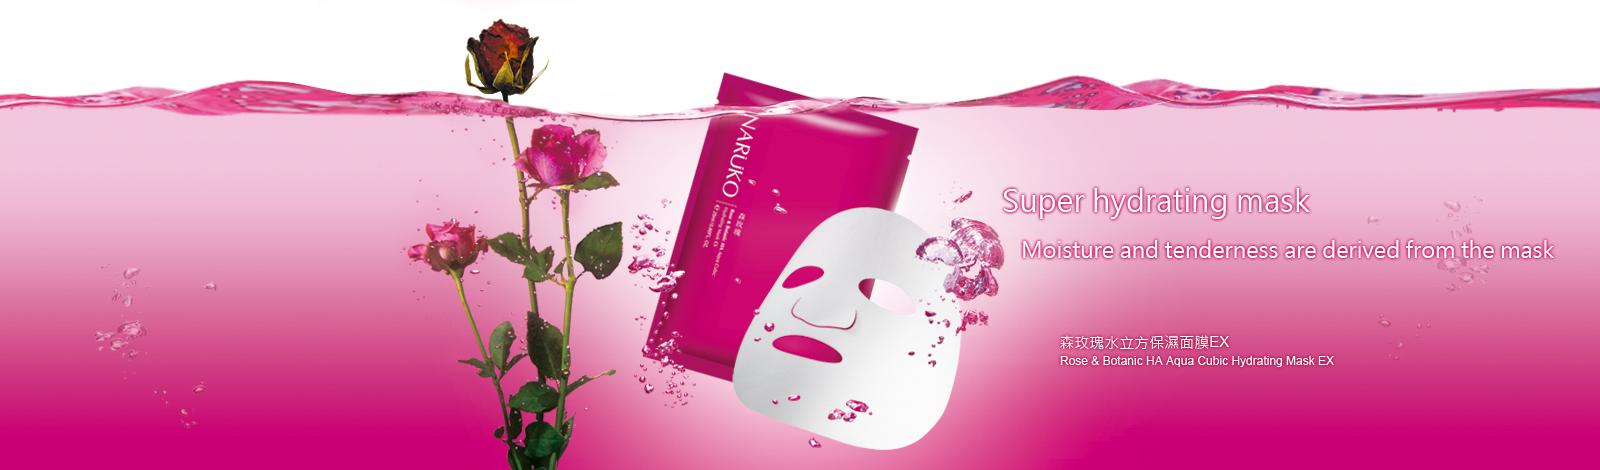 [cml_media_alt id='6625']rose-botanic-ha-aqua-cubic-hydrating-mask-ex-01[/cml_media_alt]